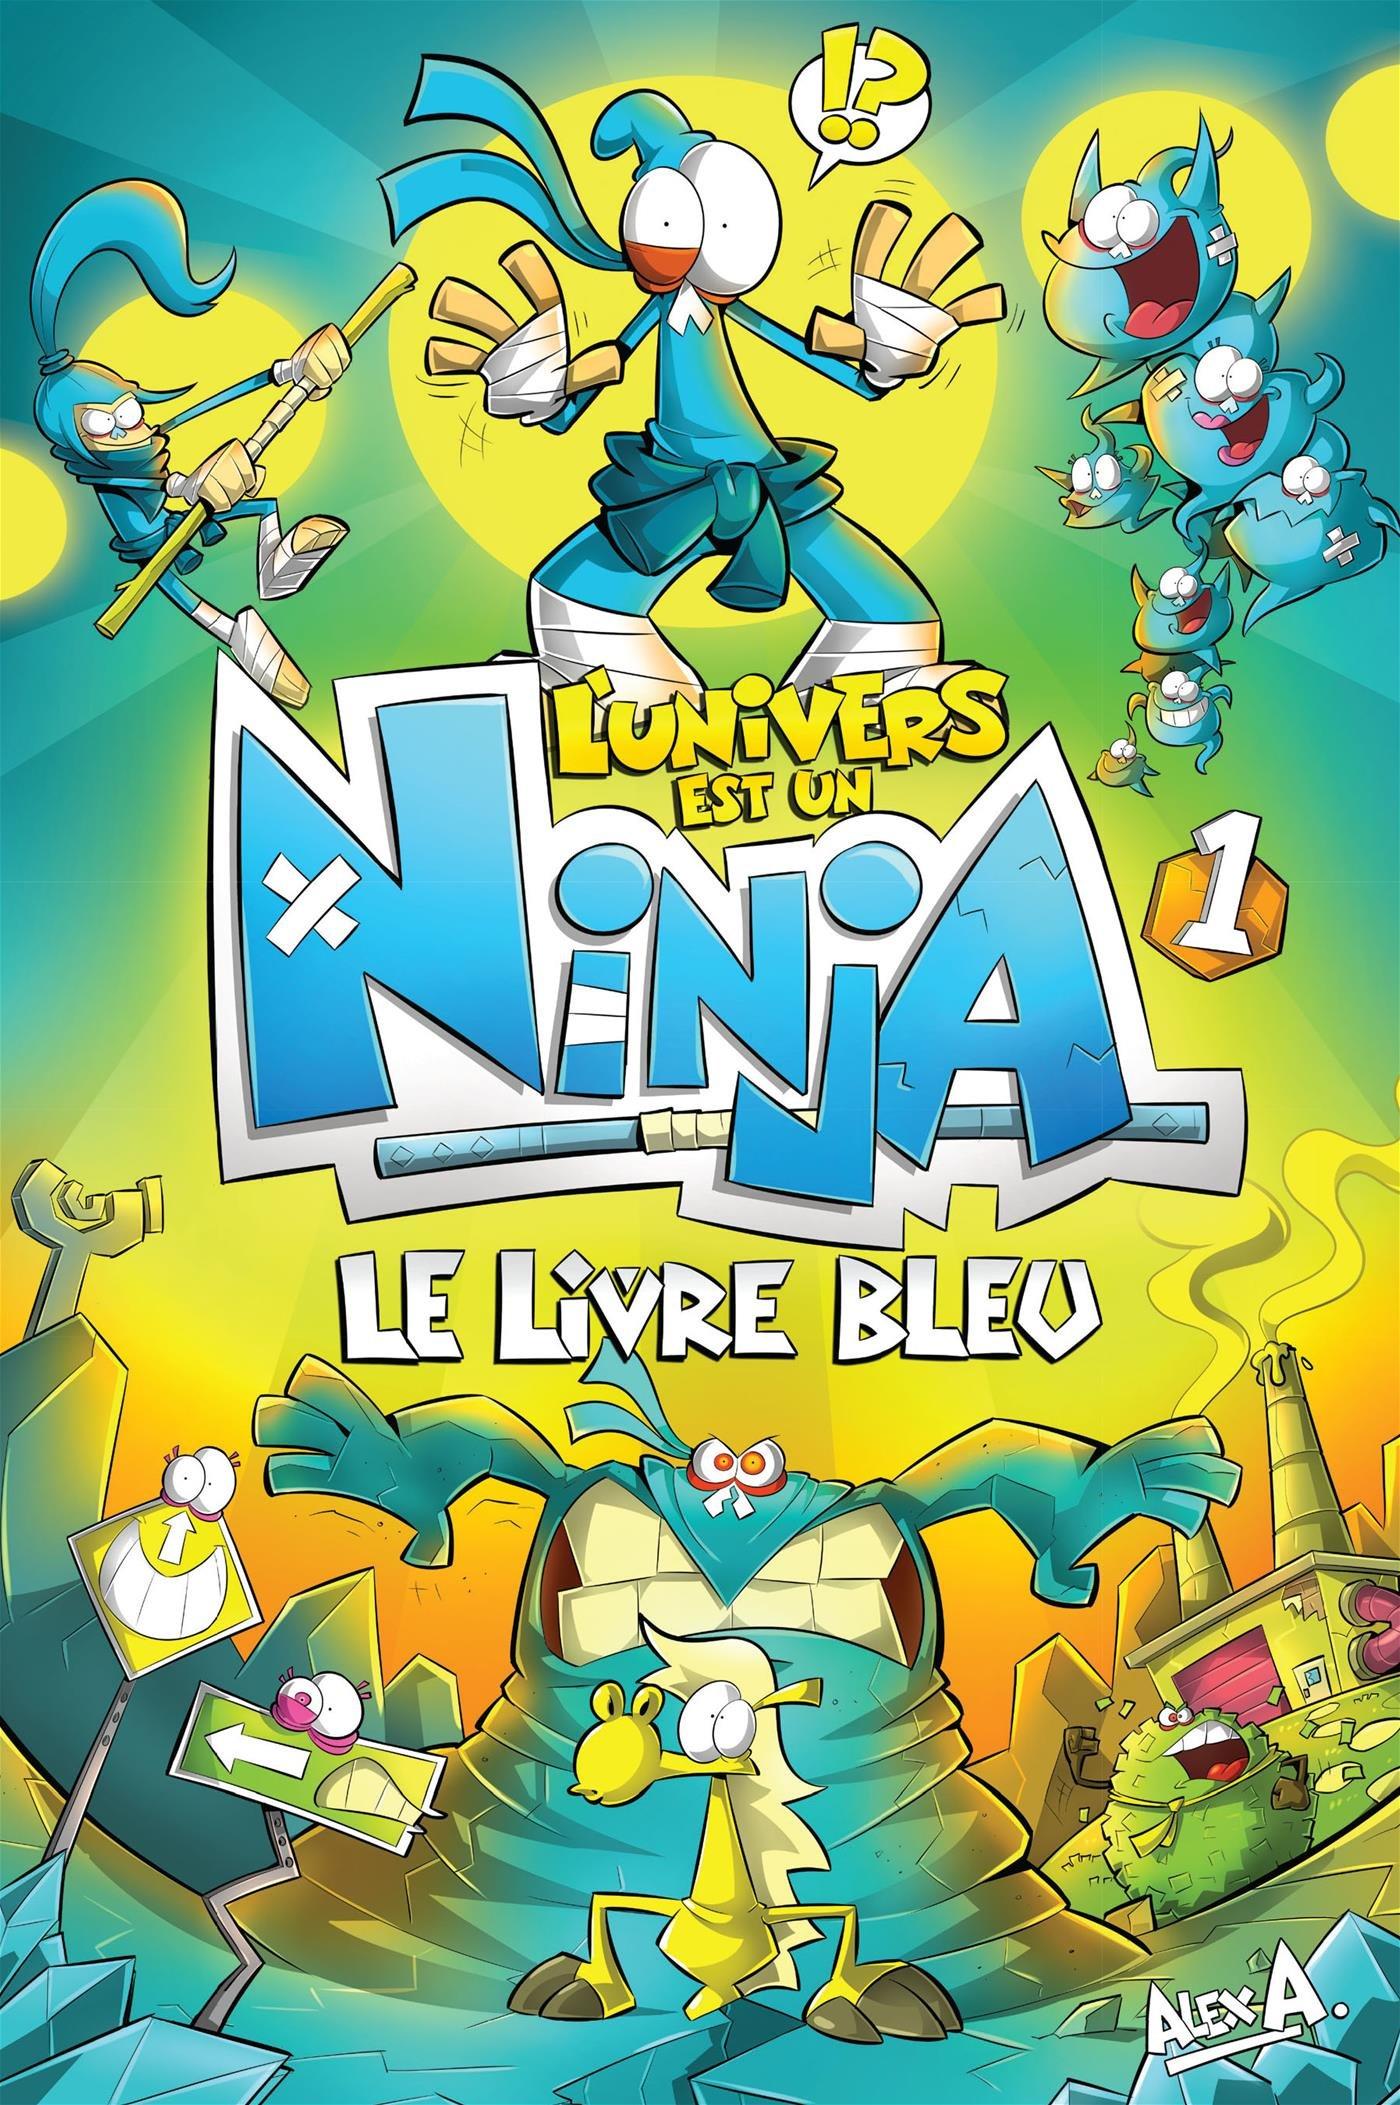 LUnivers est un Ninja - Tome 1: Le livre bleu (Un ...